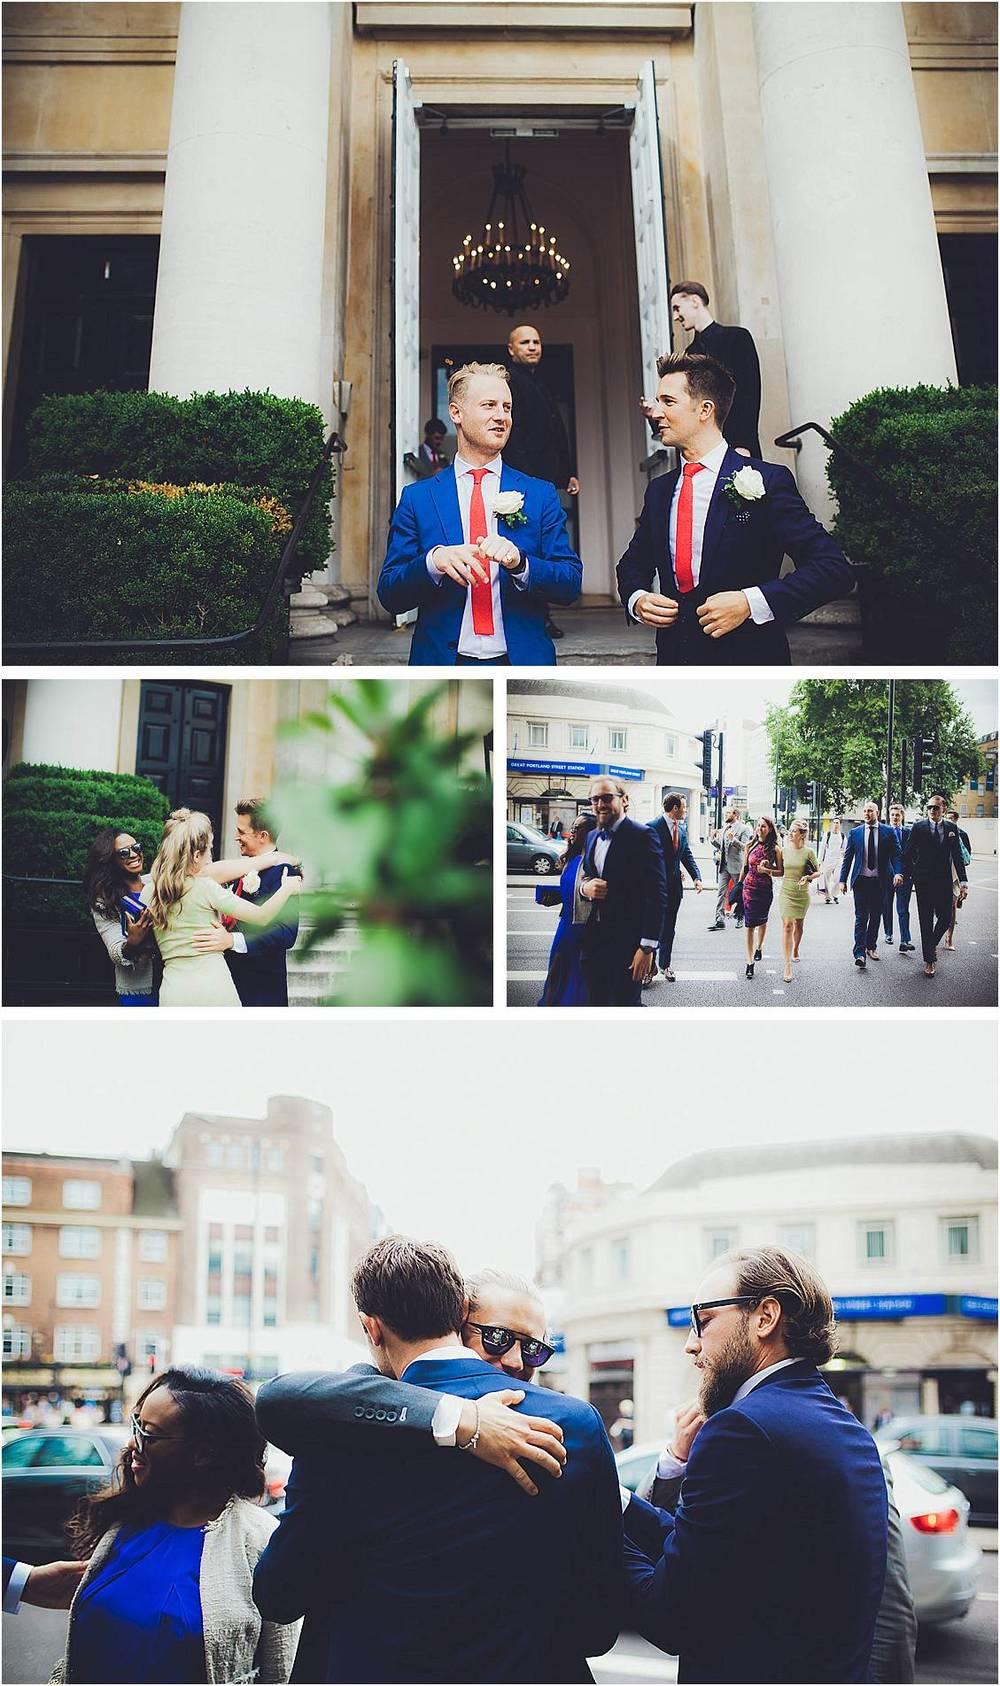 Boud_FionaclairPhotography_OneMarlyebone_Blog-90.jpg